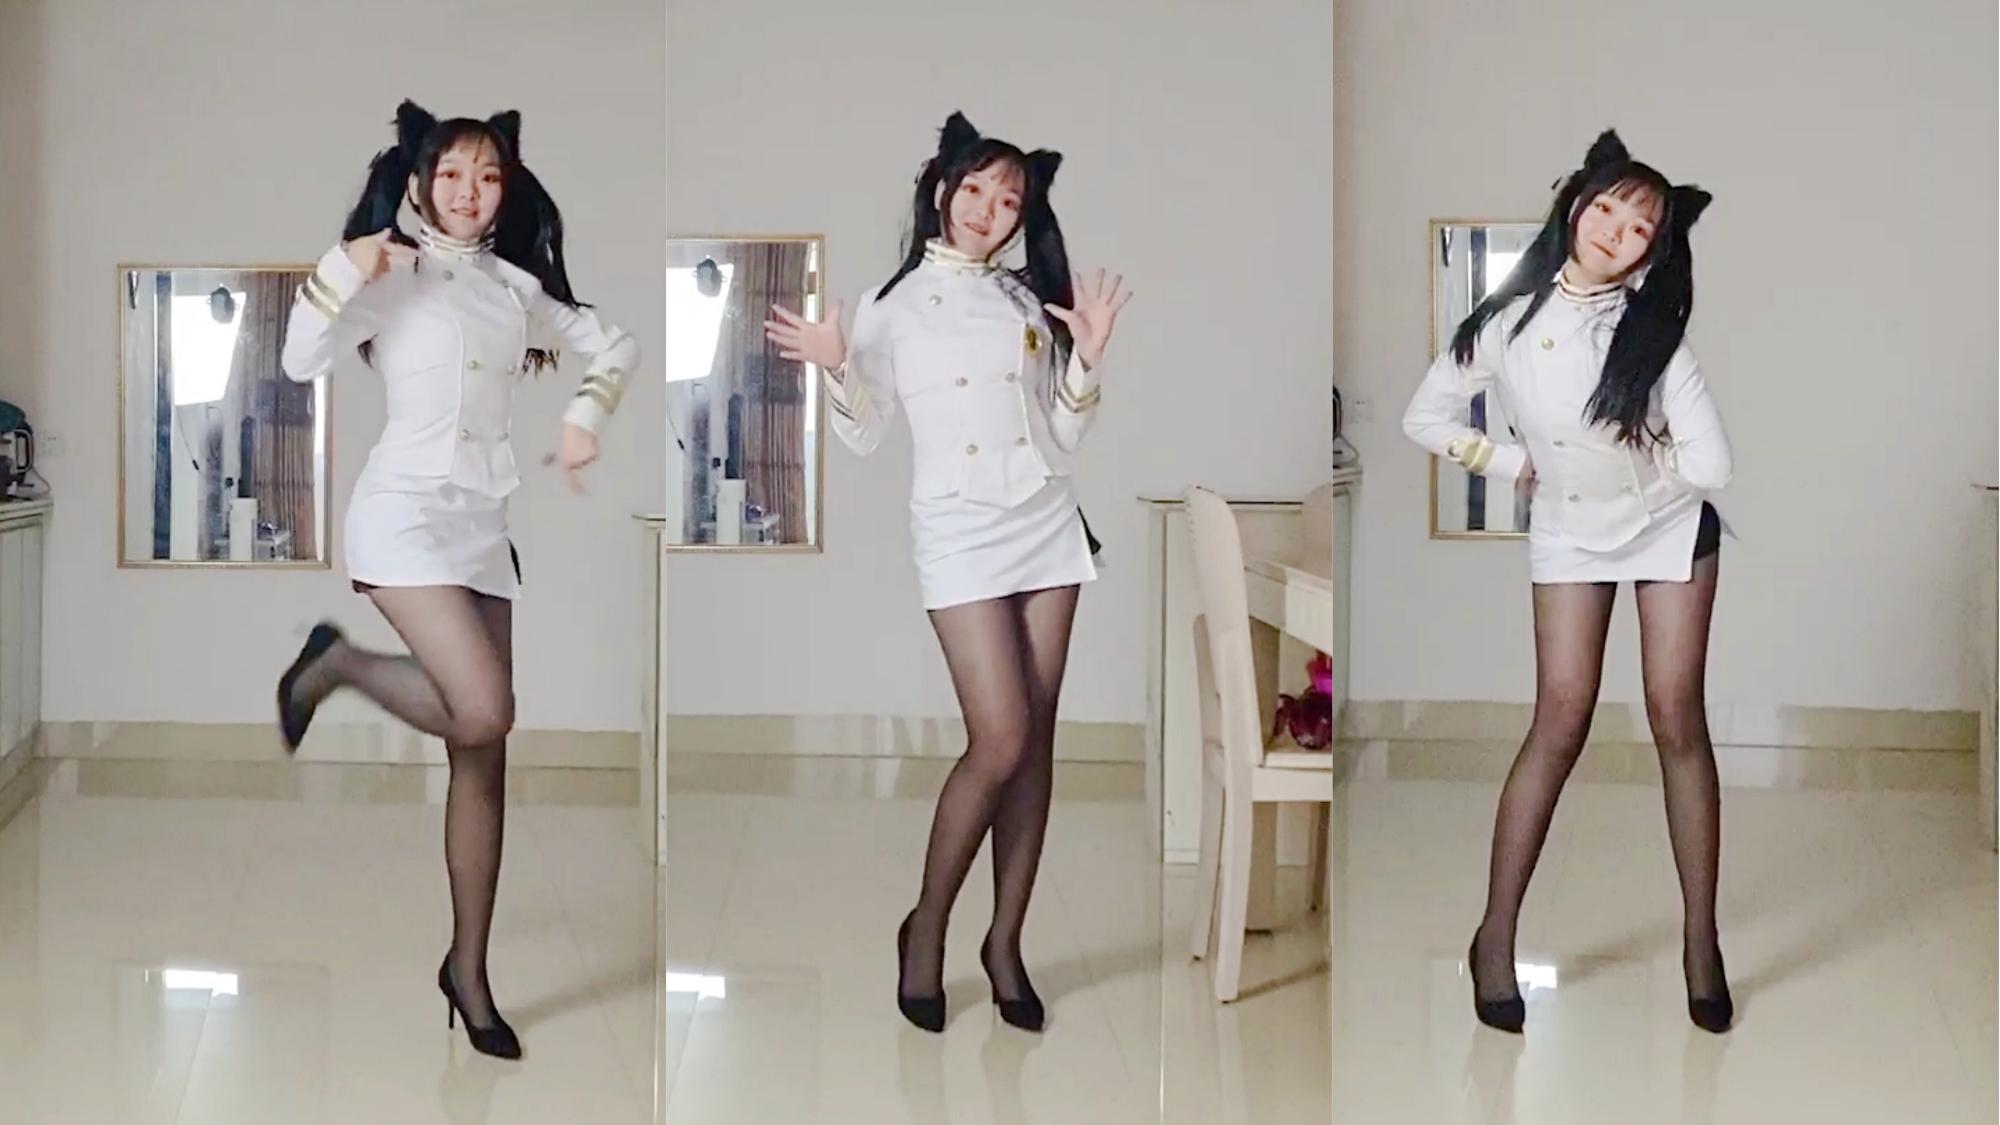 偷穿妈妈的高跟鞋跳舞 少女时代 说出愿望吧 genie 8厘米细高跟初体验【北宫翎】